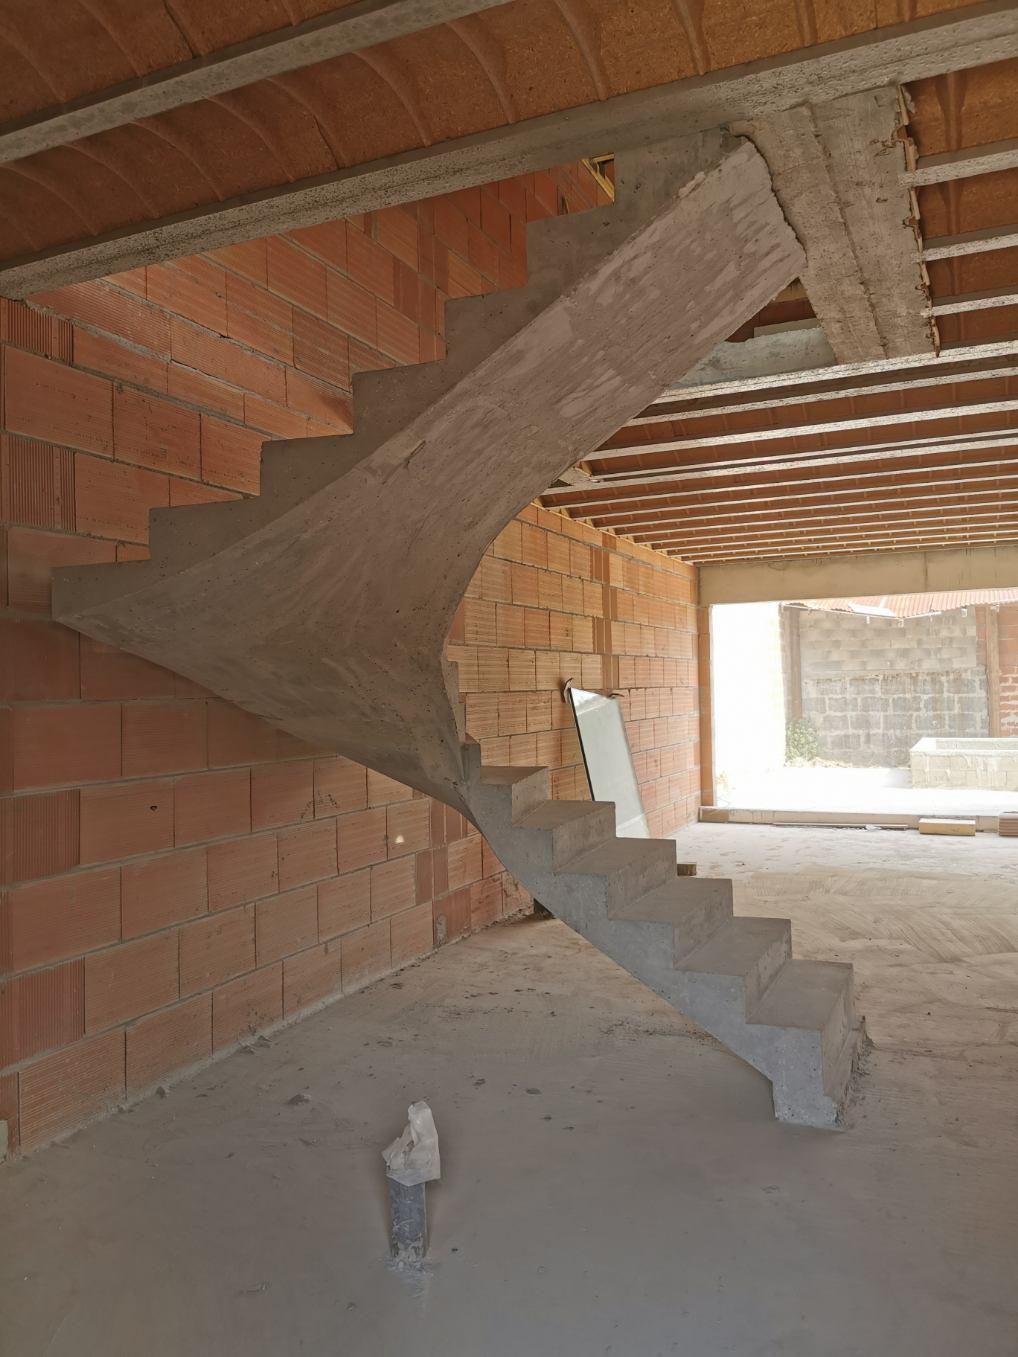 bel escalier à paillasse deux quart balancé en béton brut de décoffrage  à Bordeaux dans le département de la Gironde pour un maitre d'œuvre